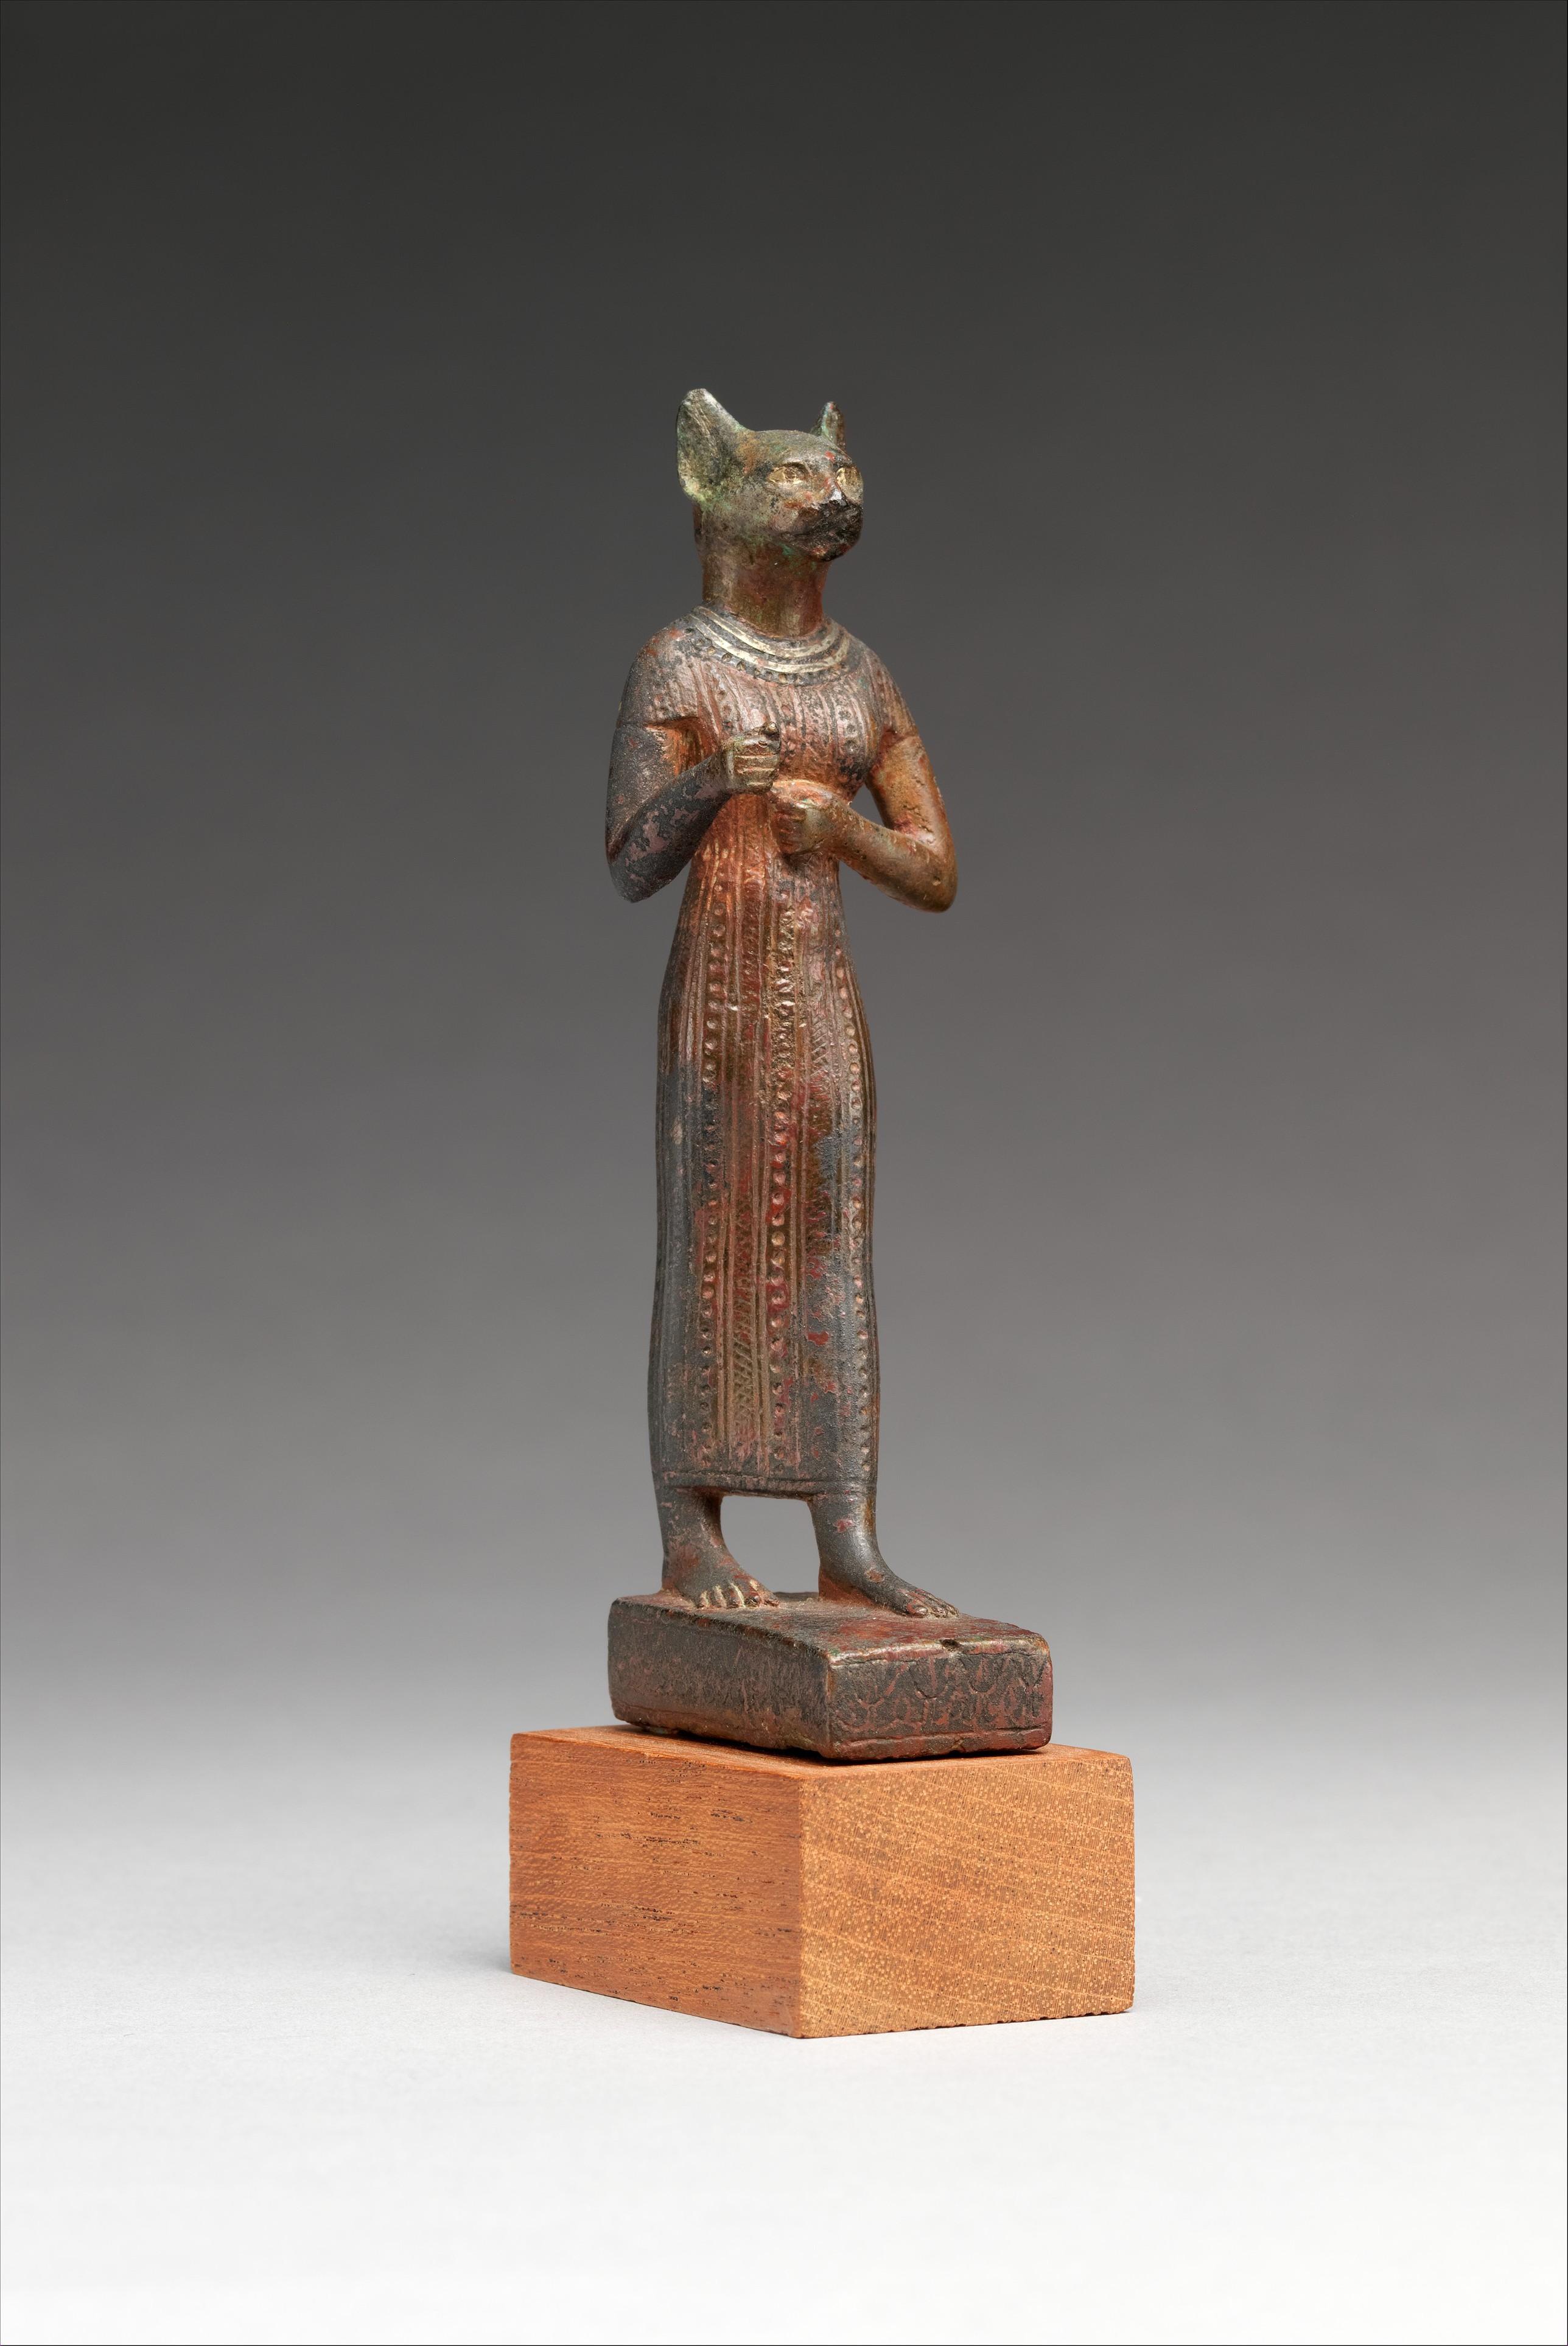 Bronze figure of the Egyptian cat goddess Bastet.